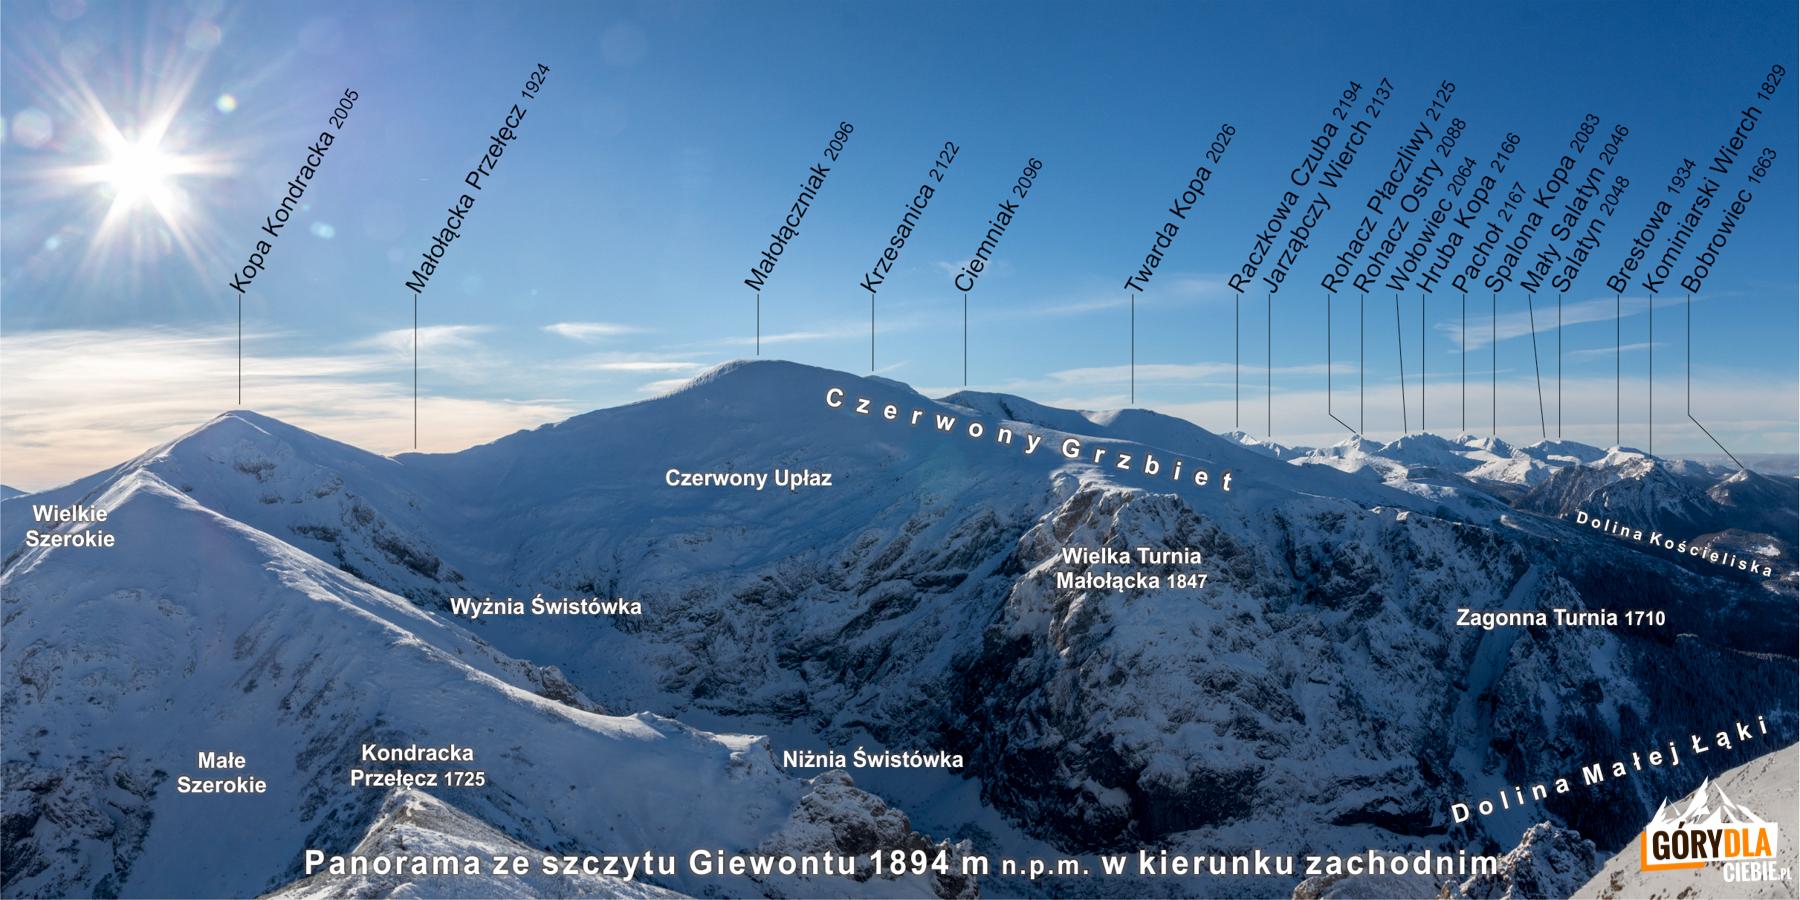 Giewont opisana panorama - zachód